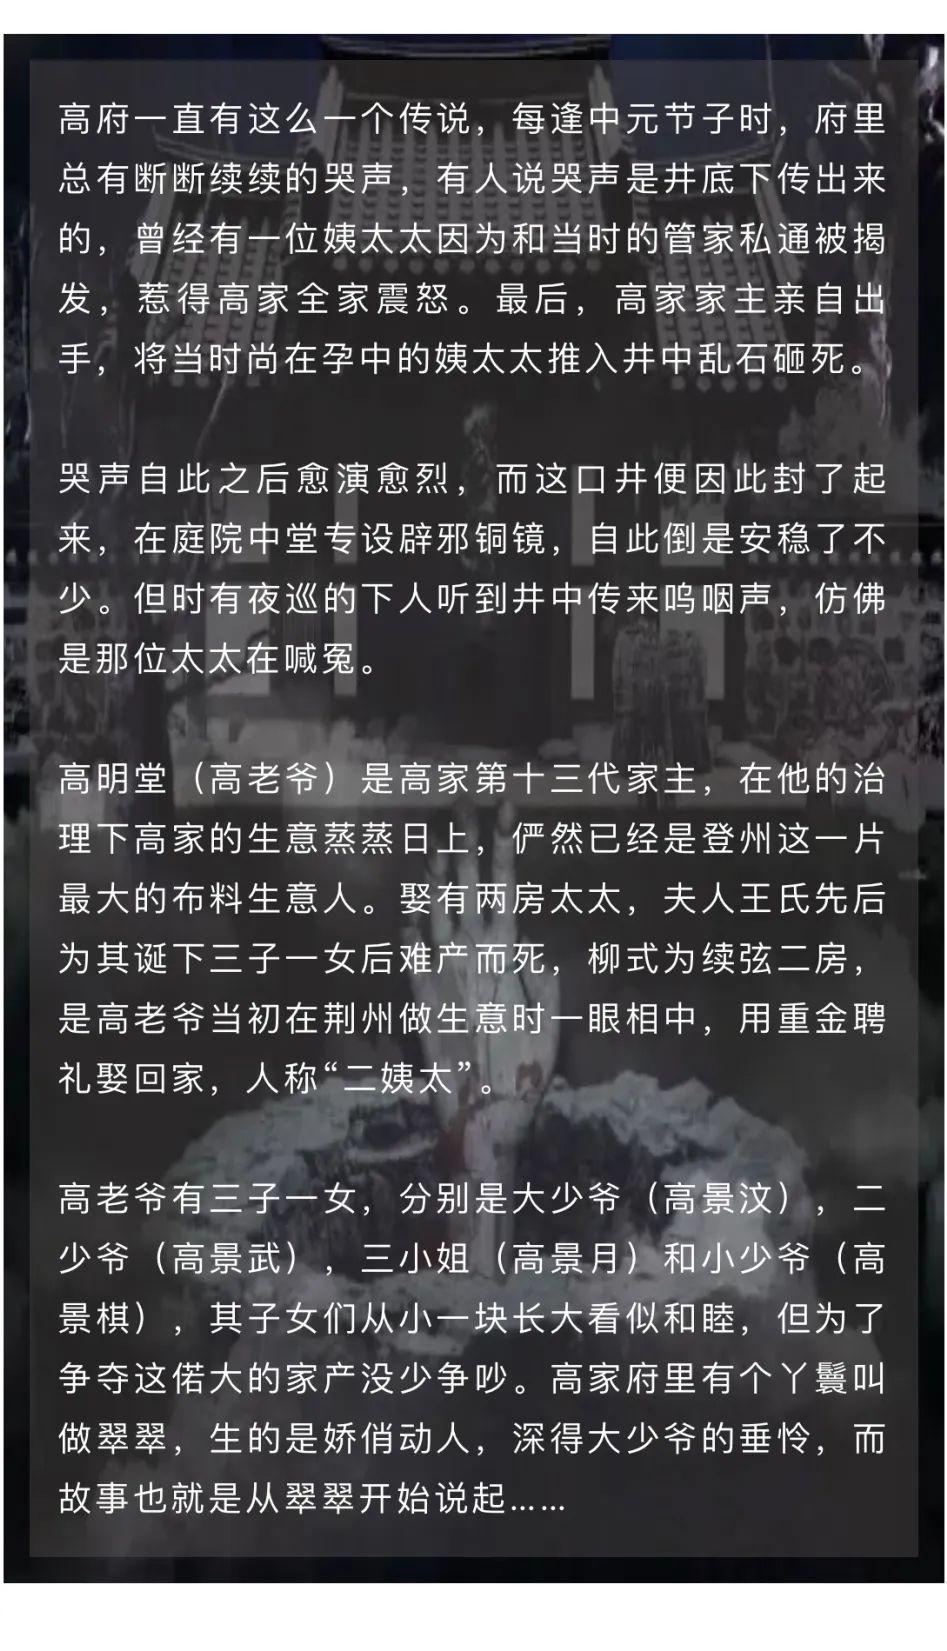 8人本《高家大院》剧本杀线索复盘真相剧透结局真凶手是谁?%-site_name